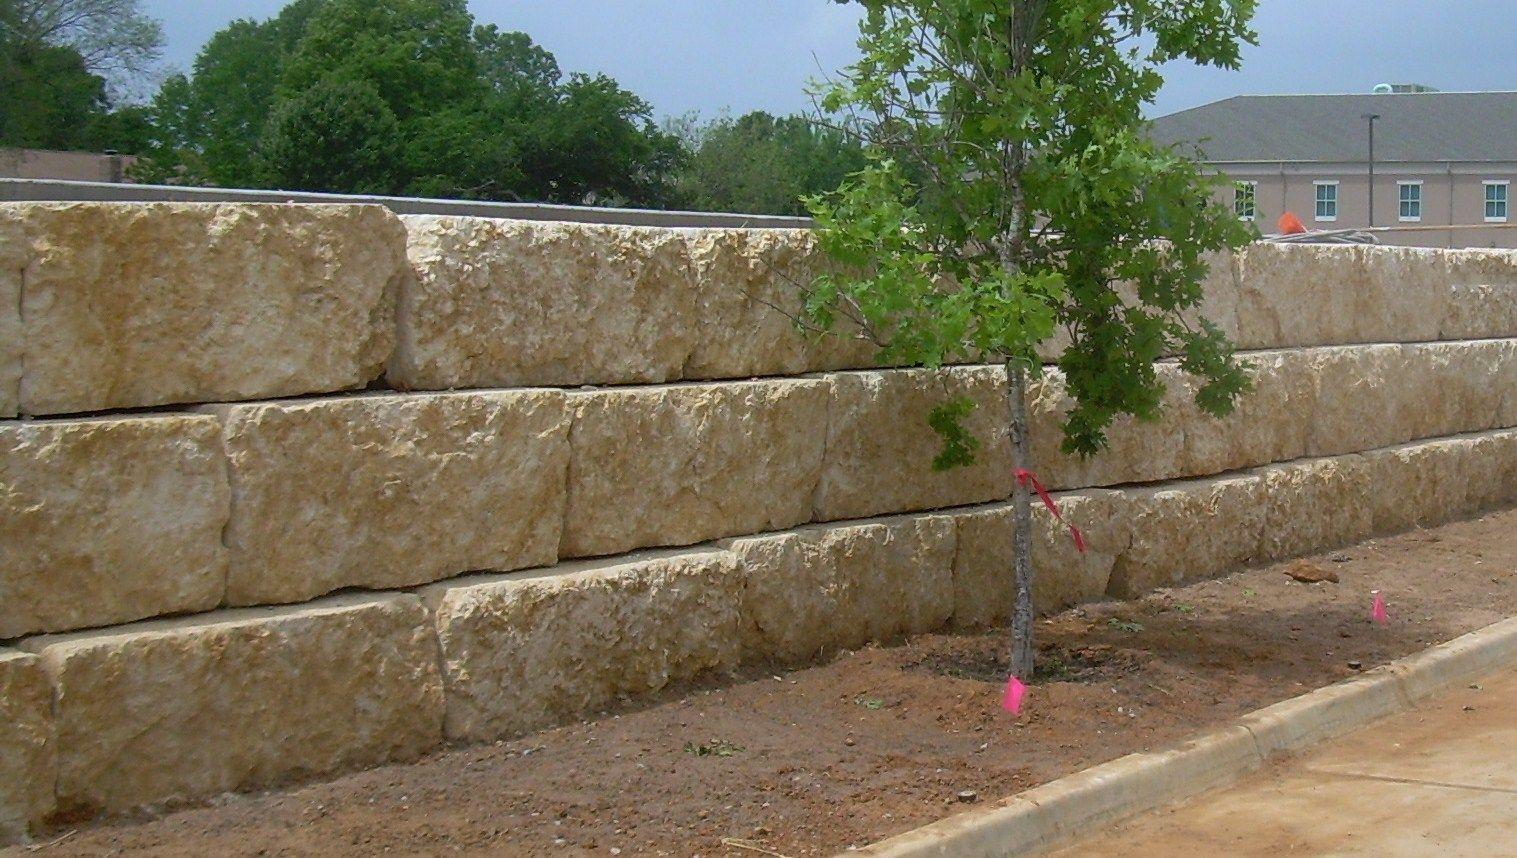 Seating Wall Blocks Prices Retaining Wall Blocks Google Search Gardening